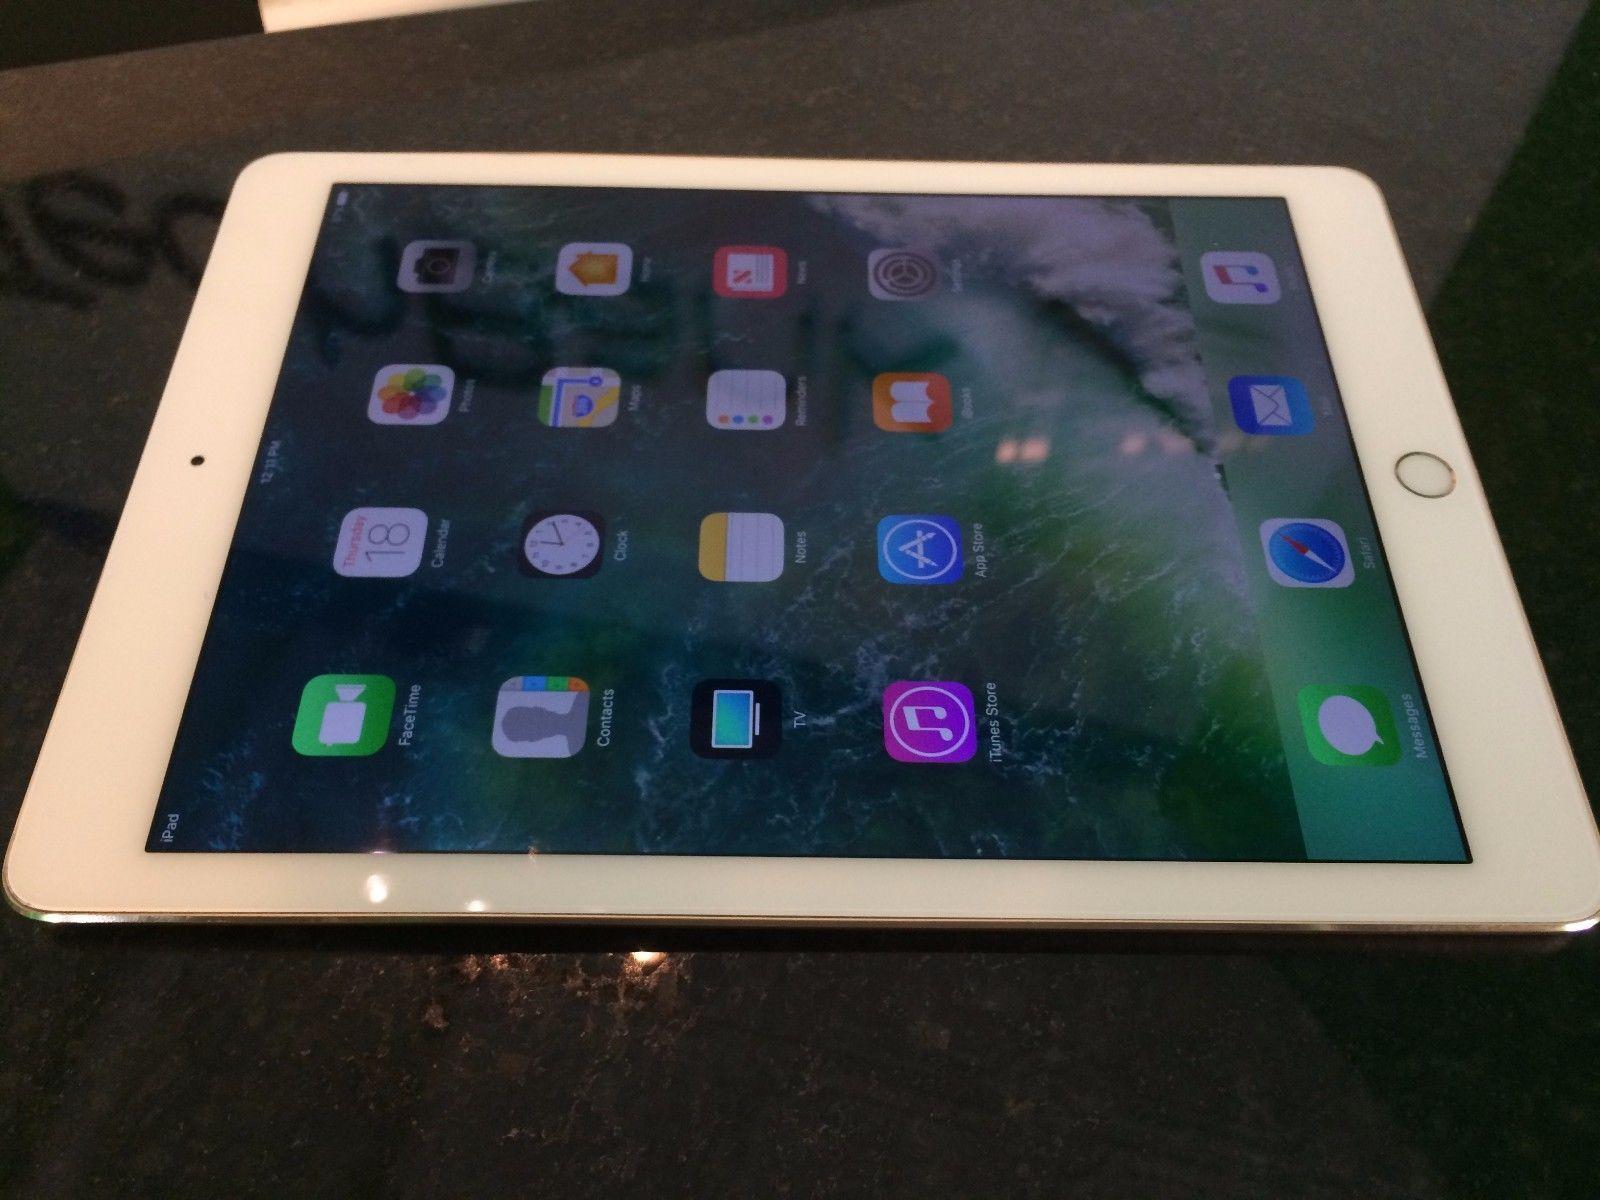 Apple Ipad Air 2 2nd Generation 128gb Gold Wi Fi Tablet Read Sale Ipad Apple Ipad Air Ipad Air 2 Ipad